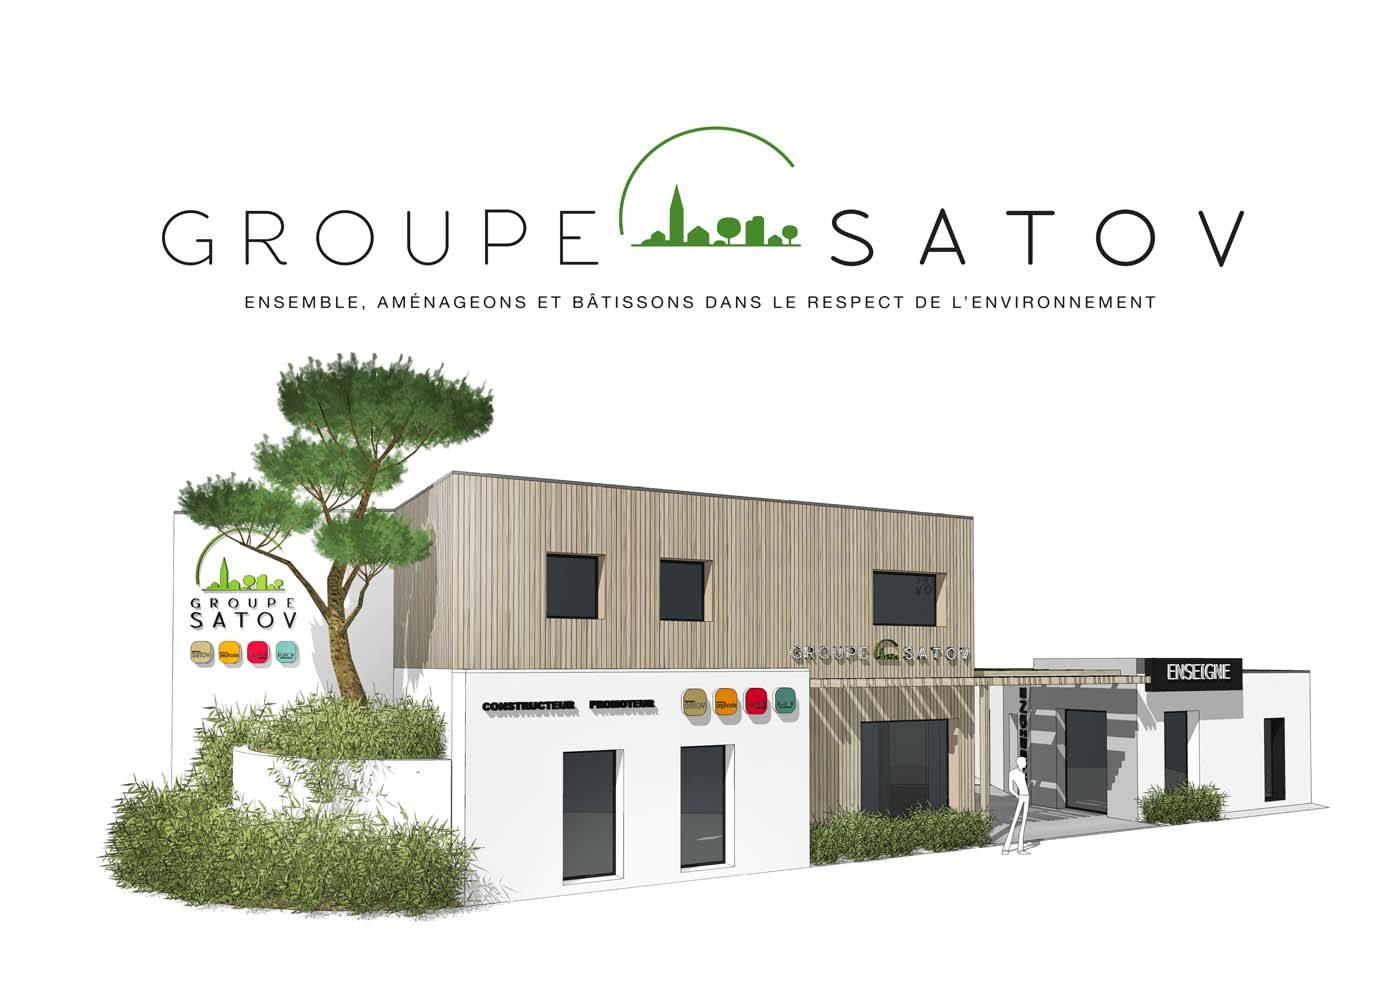 GROUPE SATOV Saint Hilaire de Riez